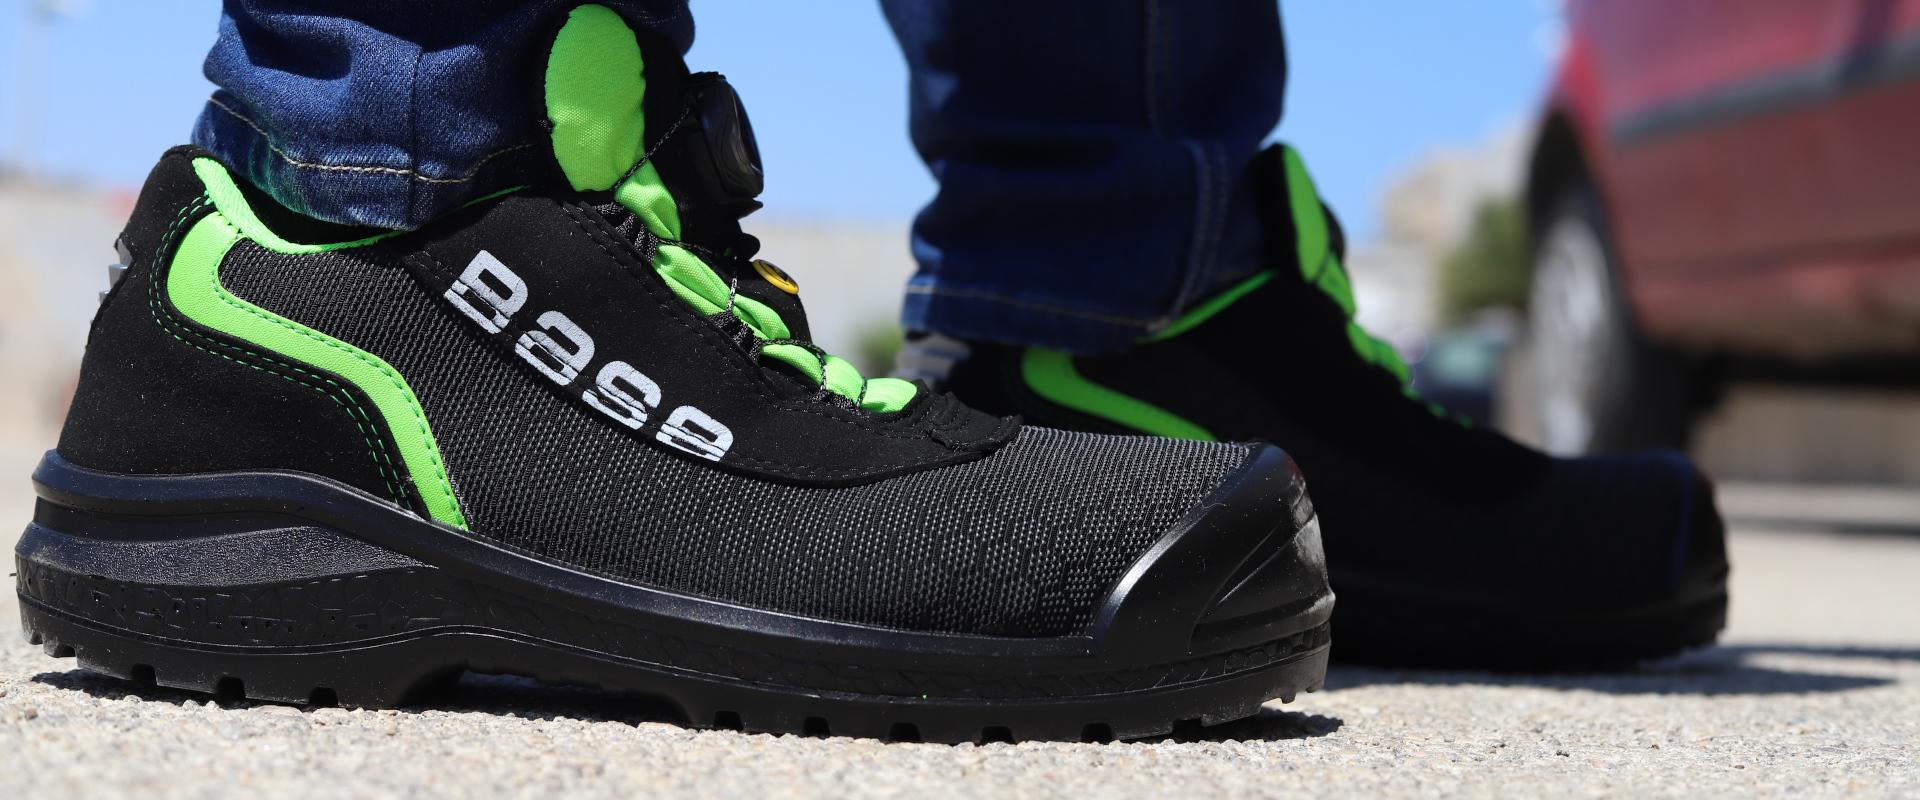 Base munkavédelmi cipők